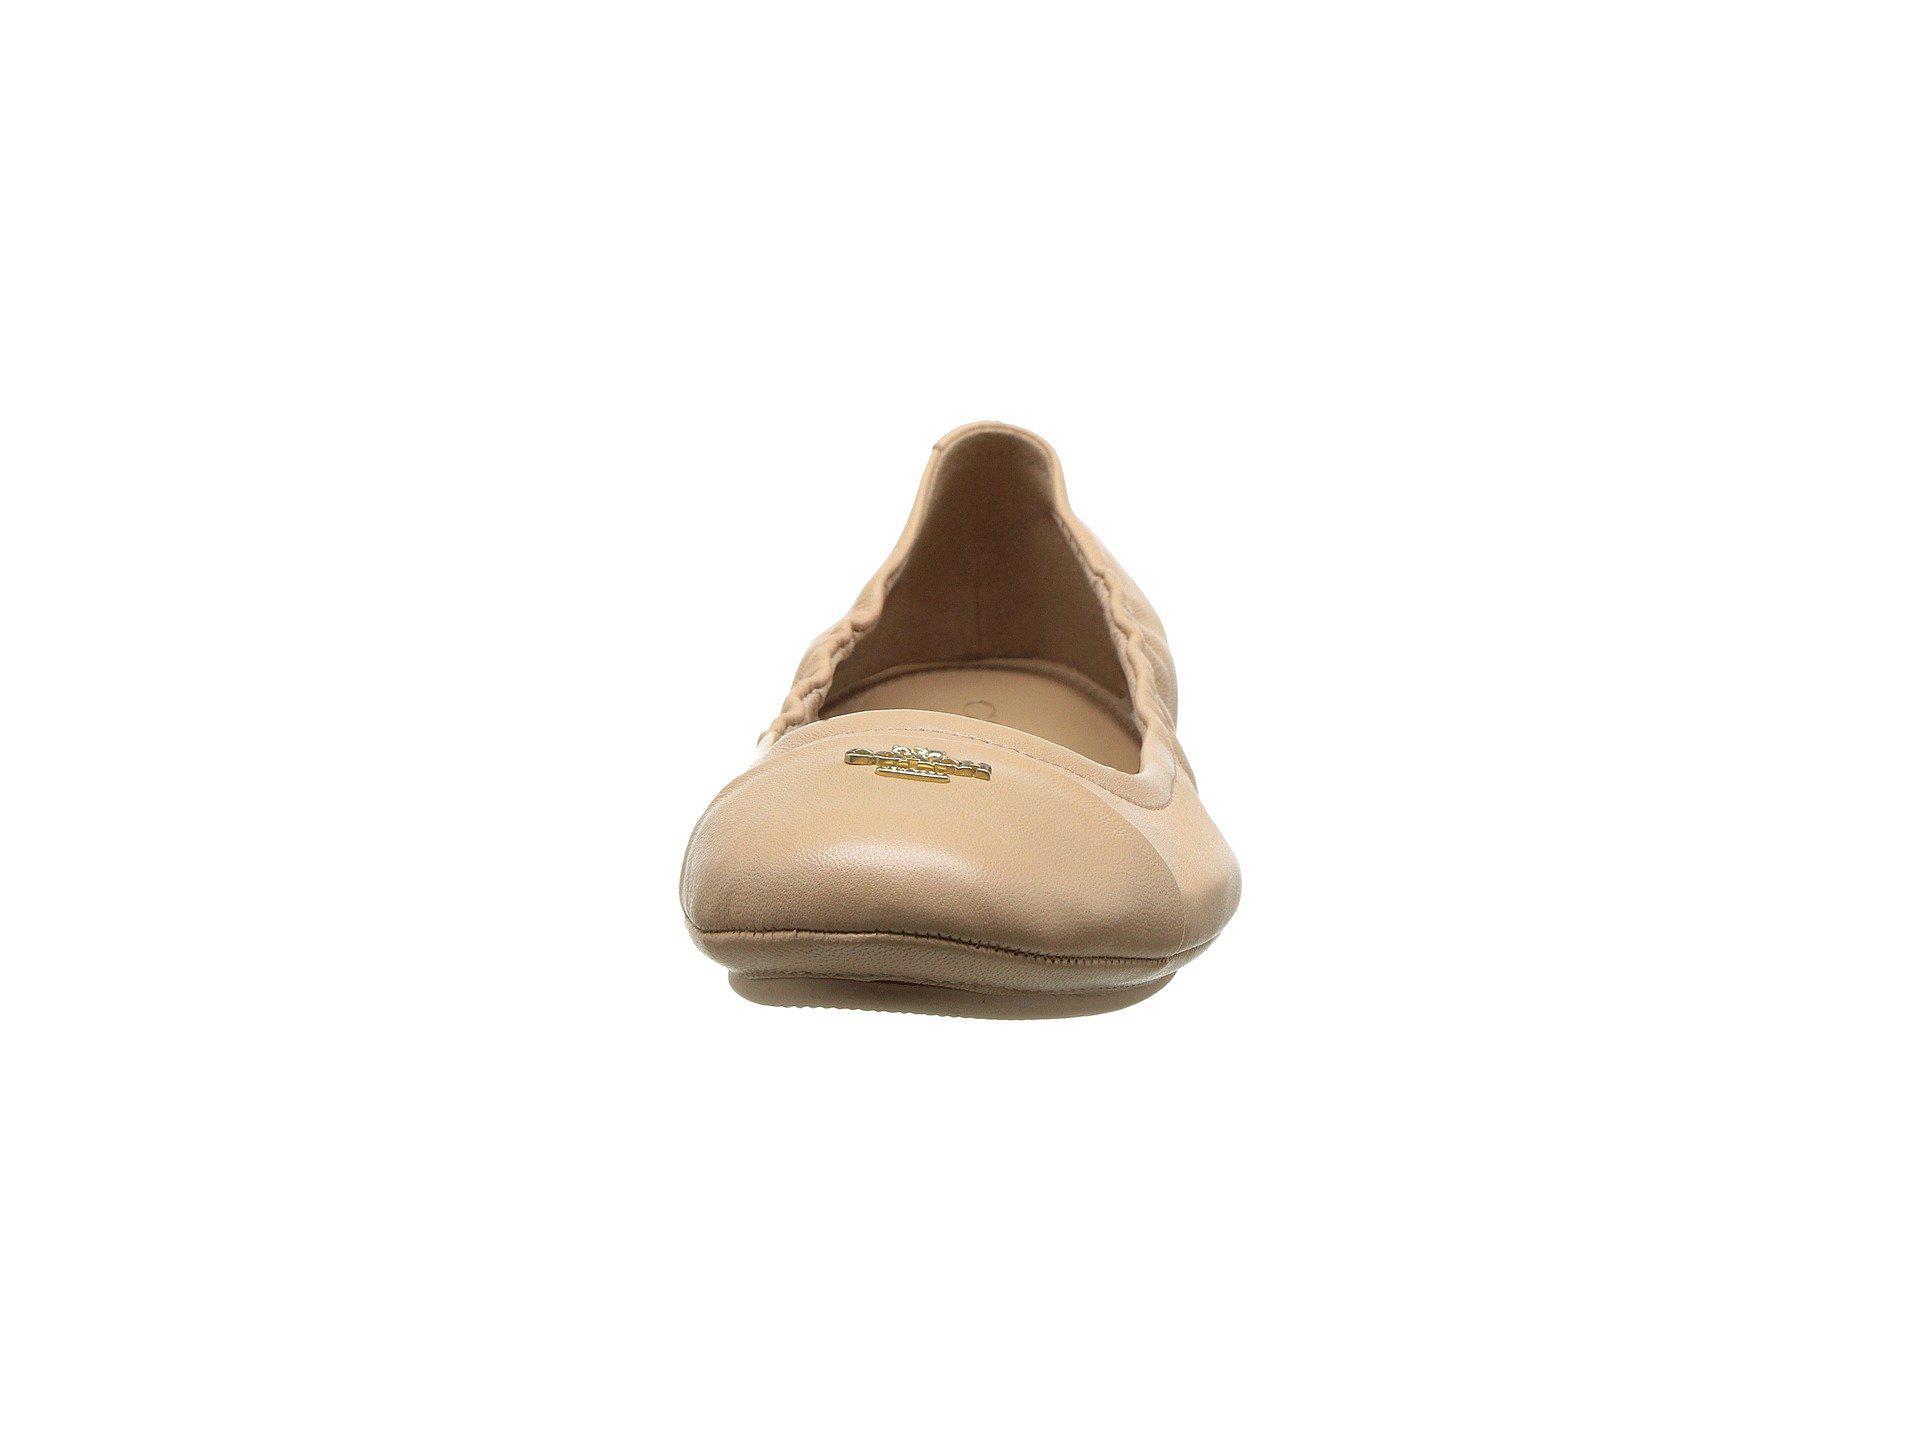 Chester Ballet COACH qYkIm7Ylu